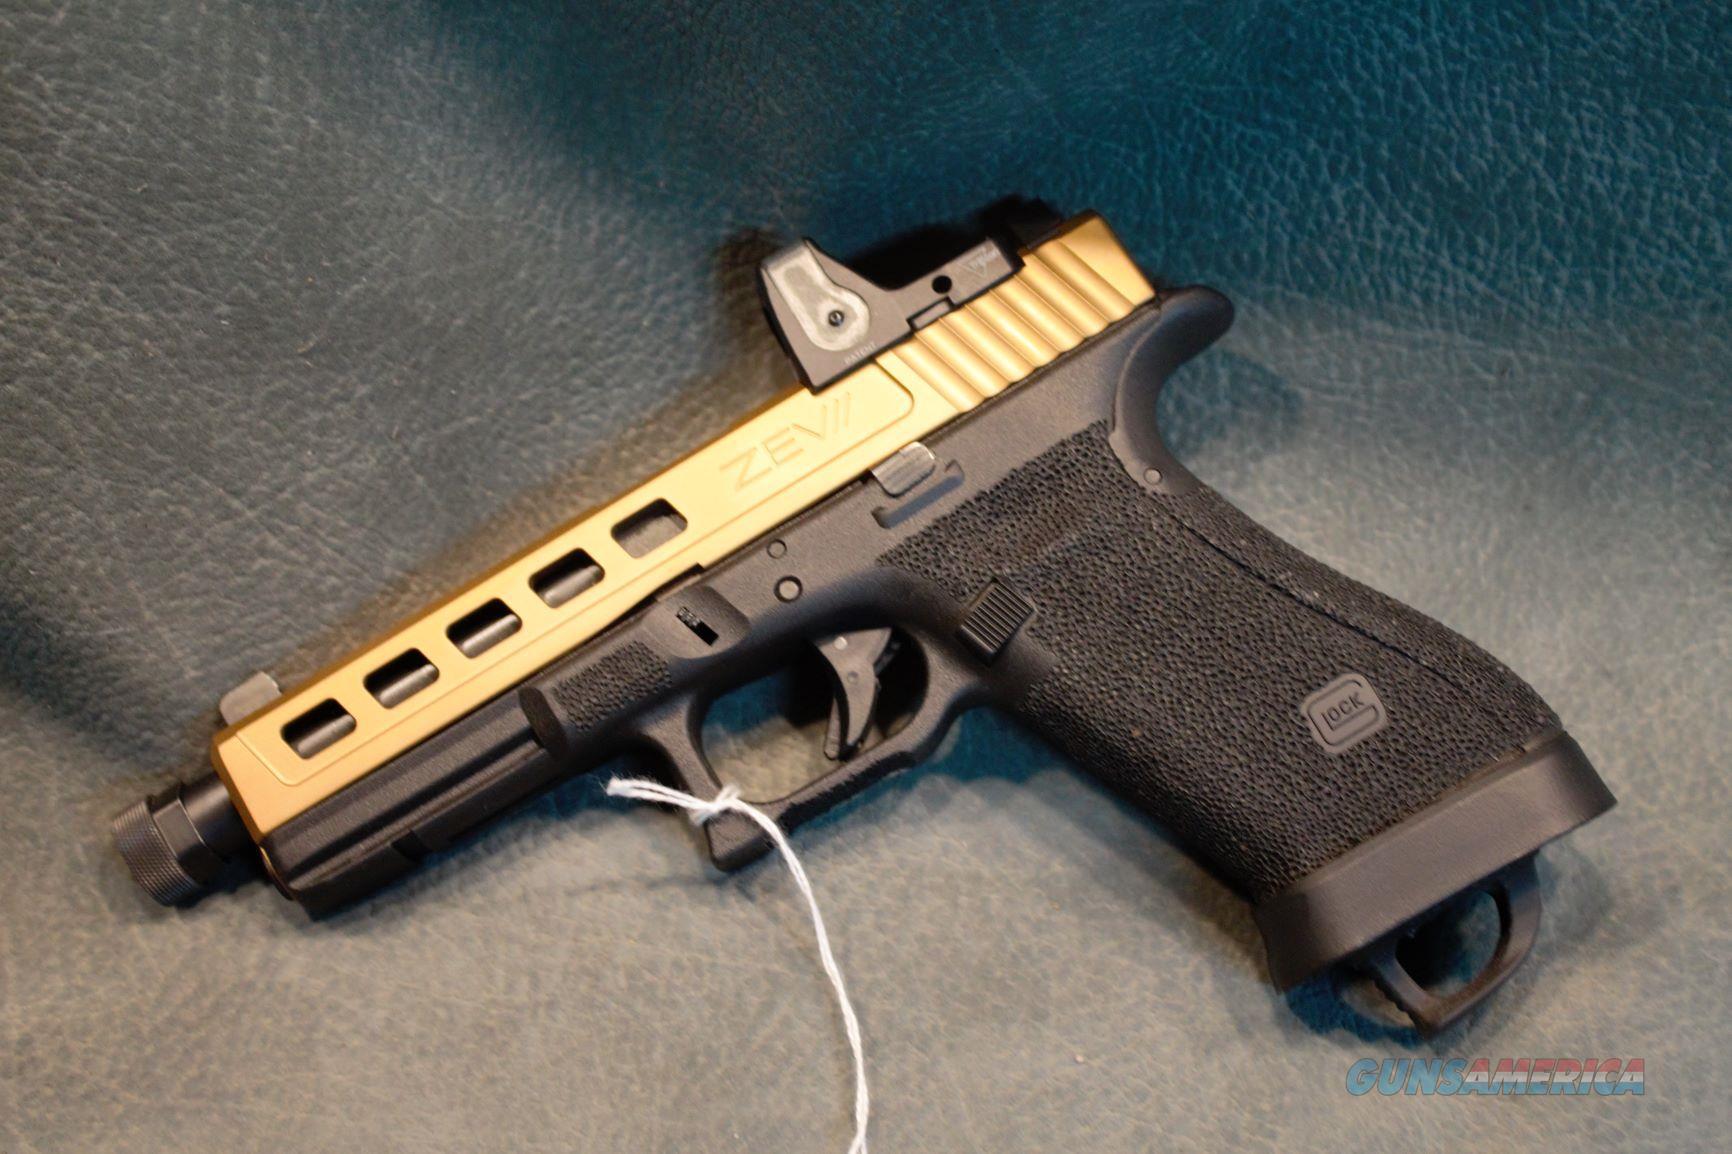 Glock 17 Gen 4 9mm  Guns > Pistols > Glock Pistols > 17